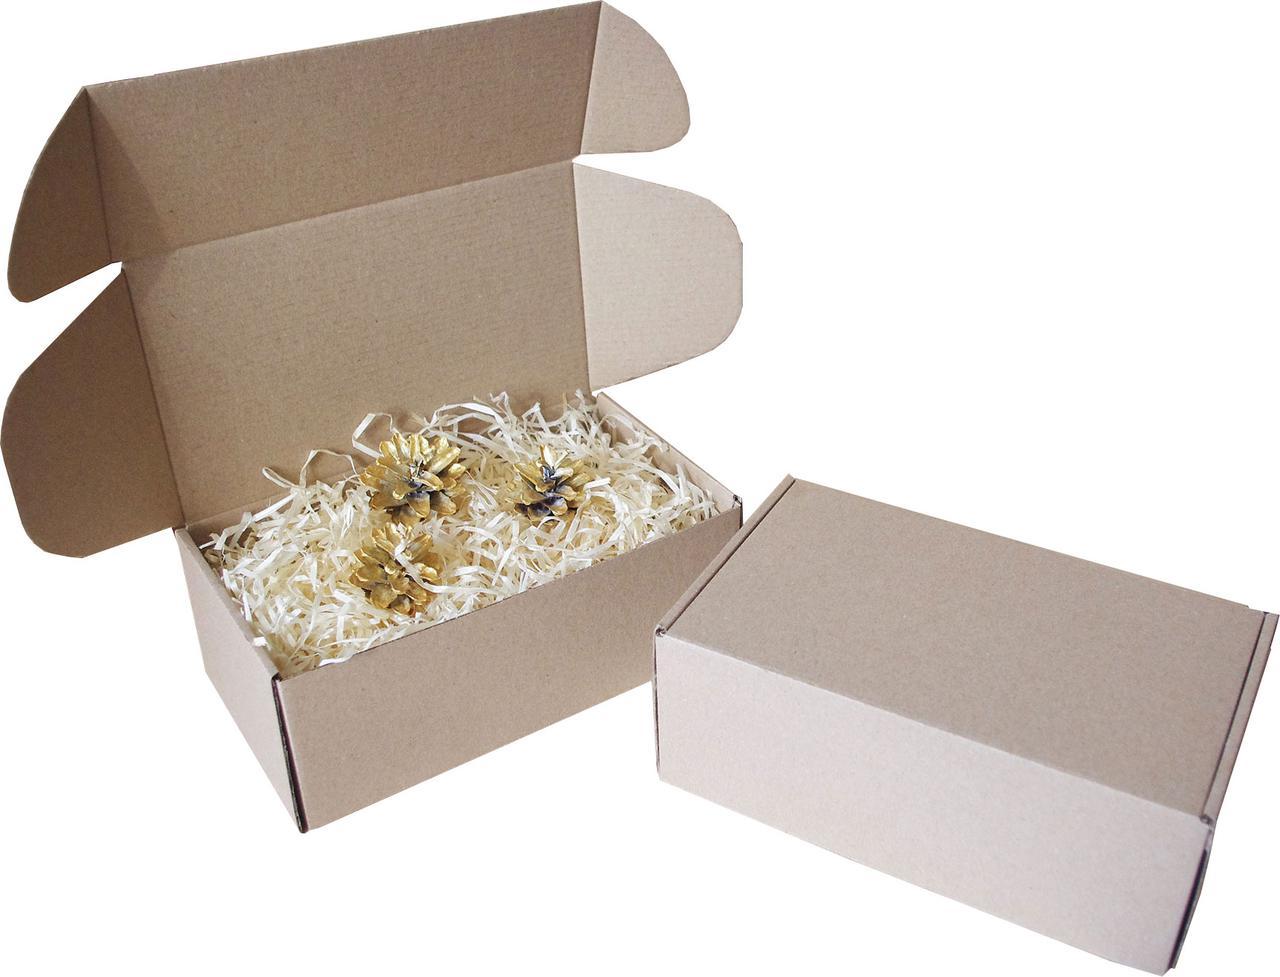 Подарочная коробочка с сеном малая, Ш210хД120хВ80мм